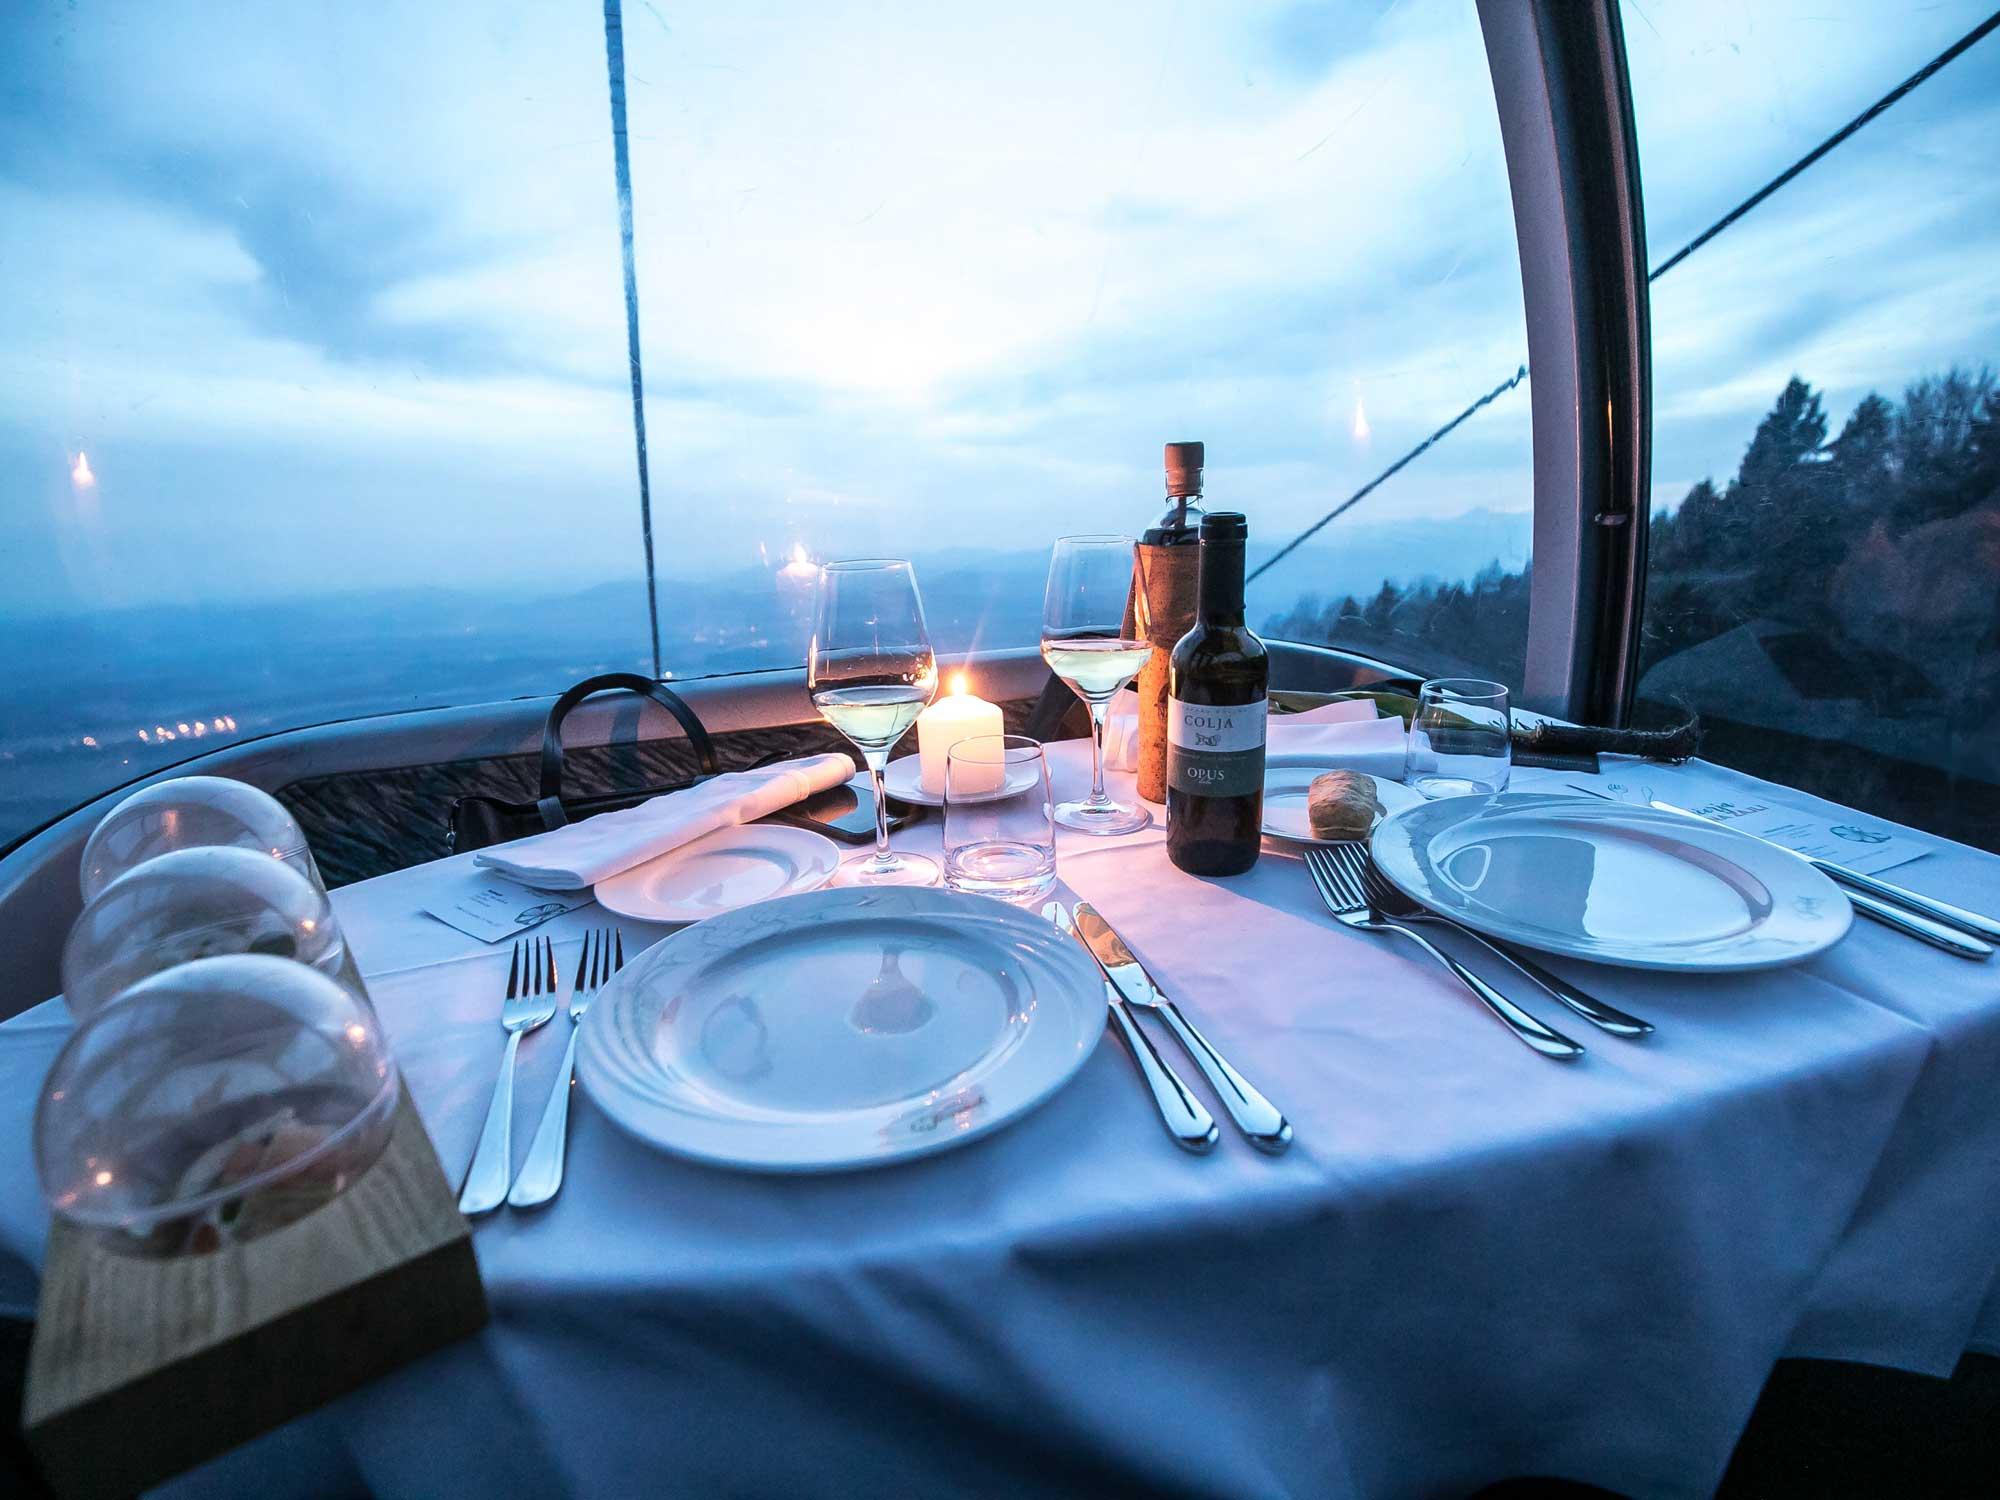 Butična restavracija visoko nad tlemi